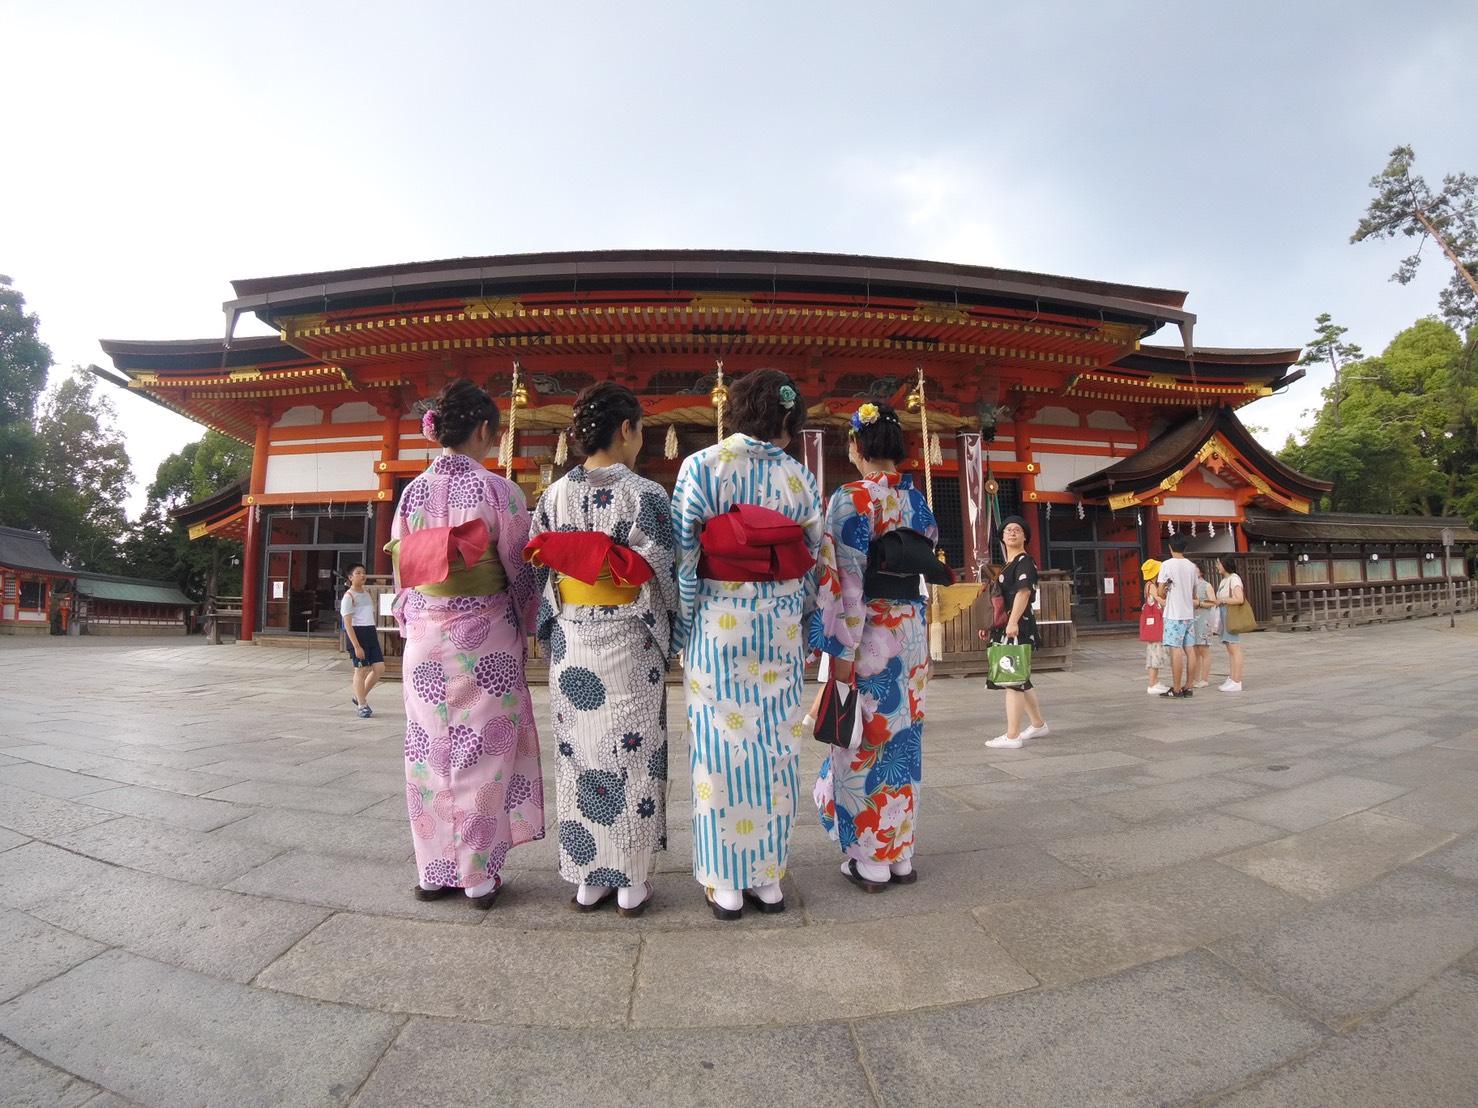 夏休みの思い出に京都旅行♪2019年7月31日5